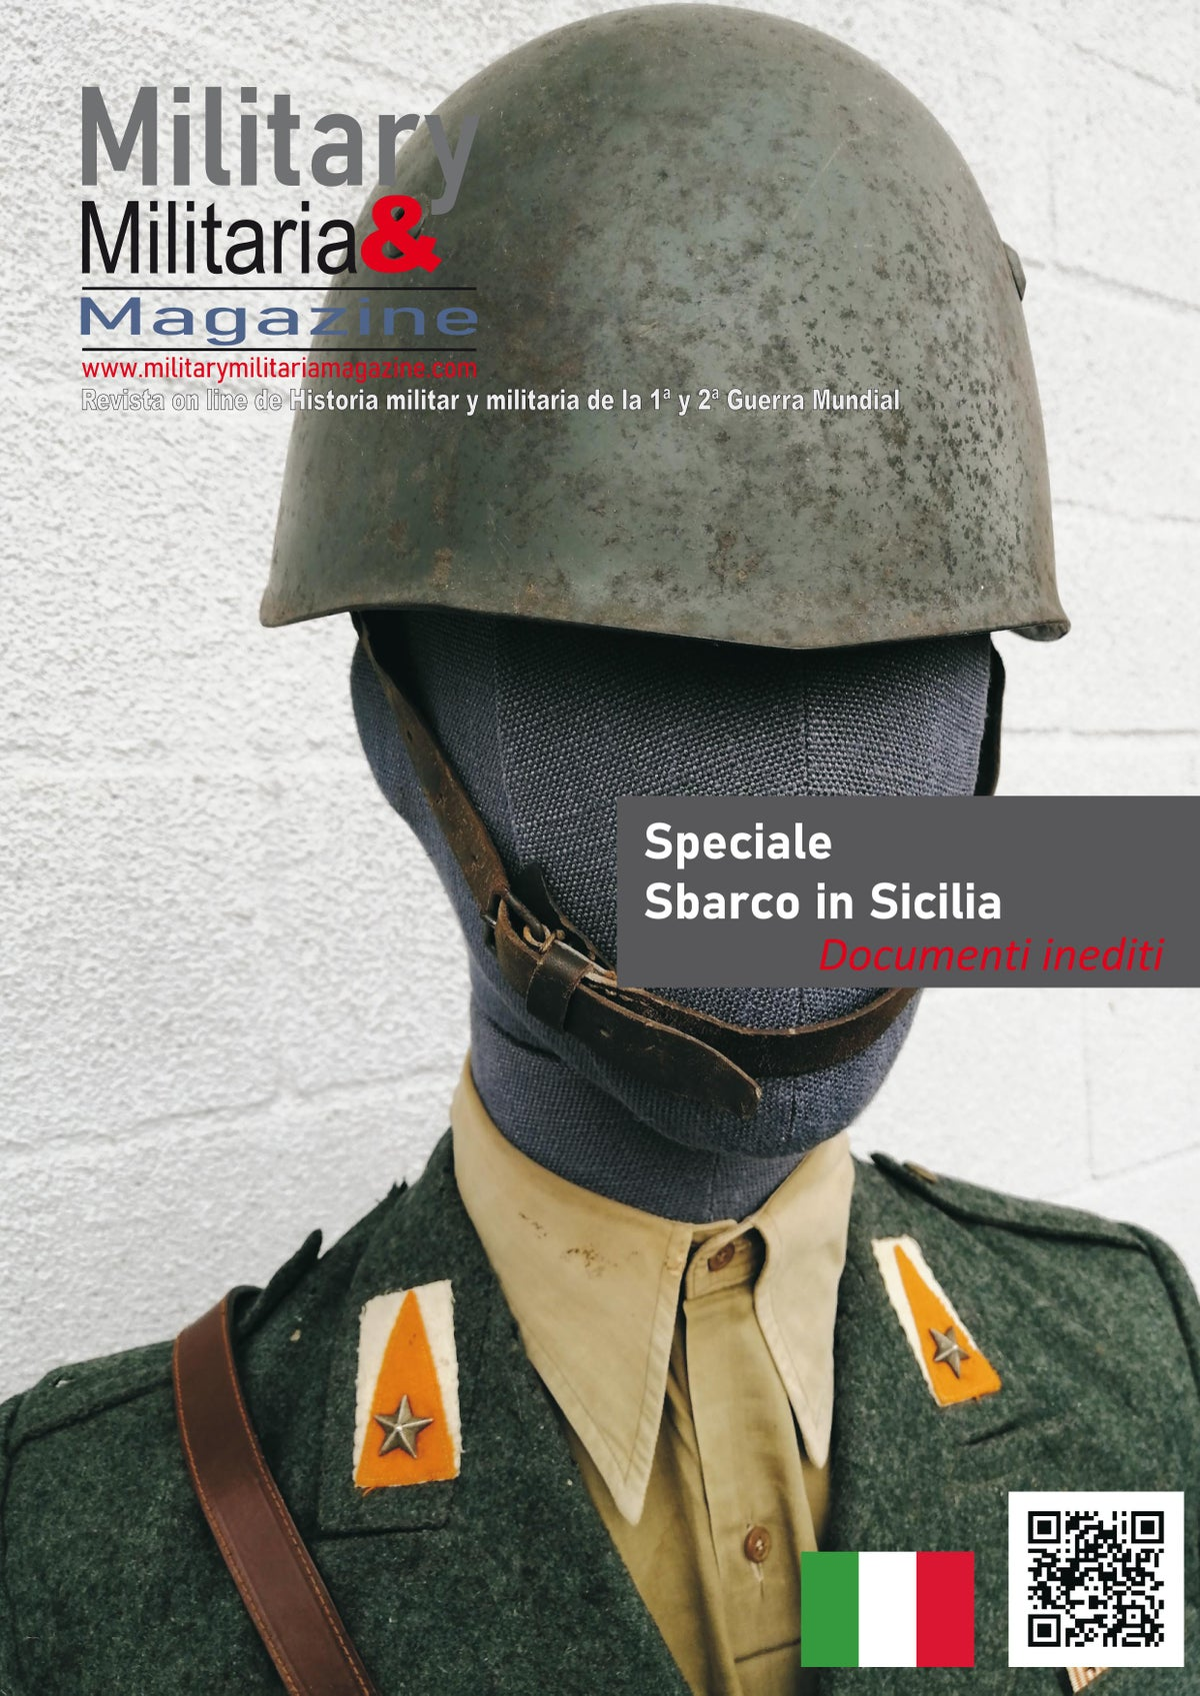 Military & Militaria Magazine. Numero Speciale sbarco in Sicilia 2. Documenti inediti